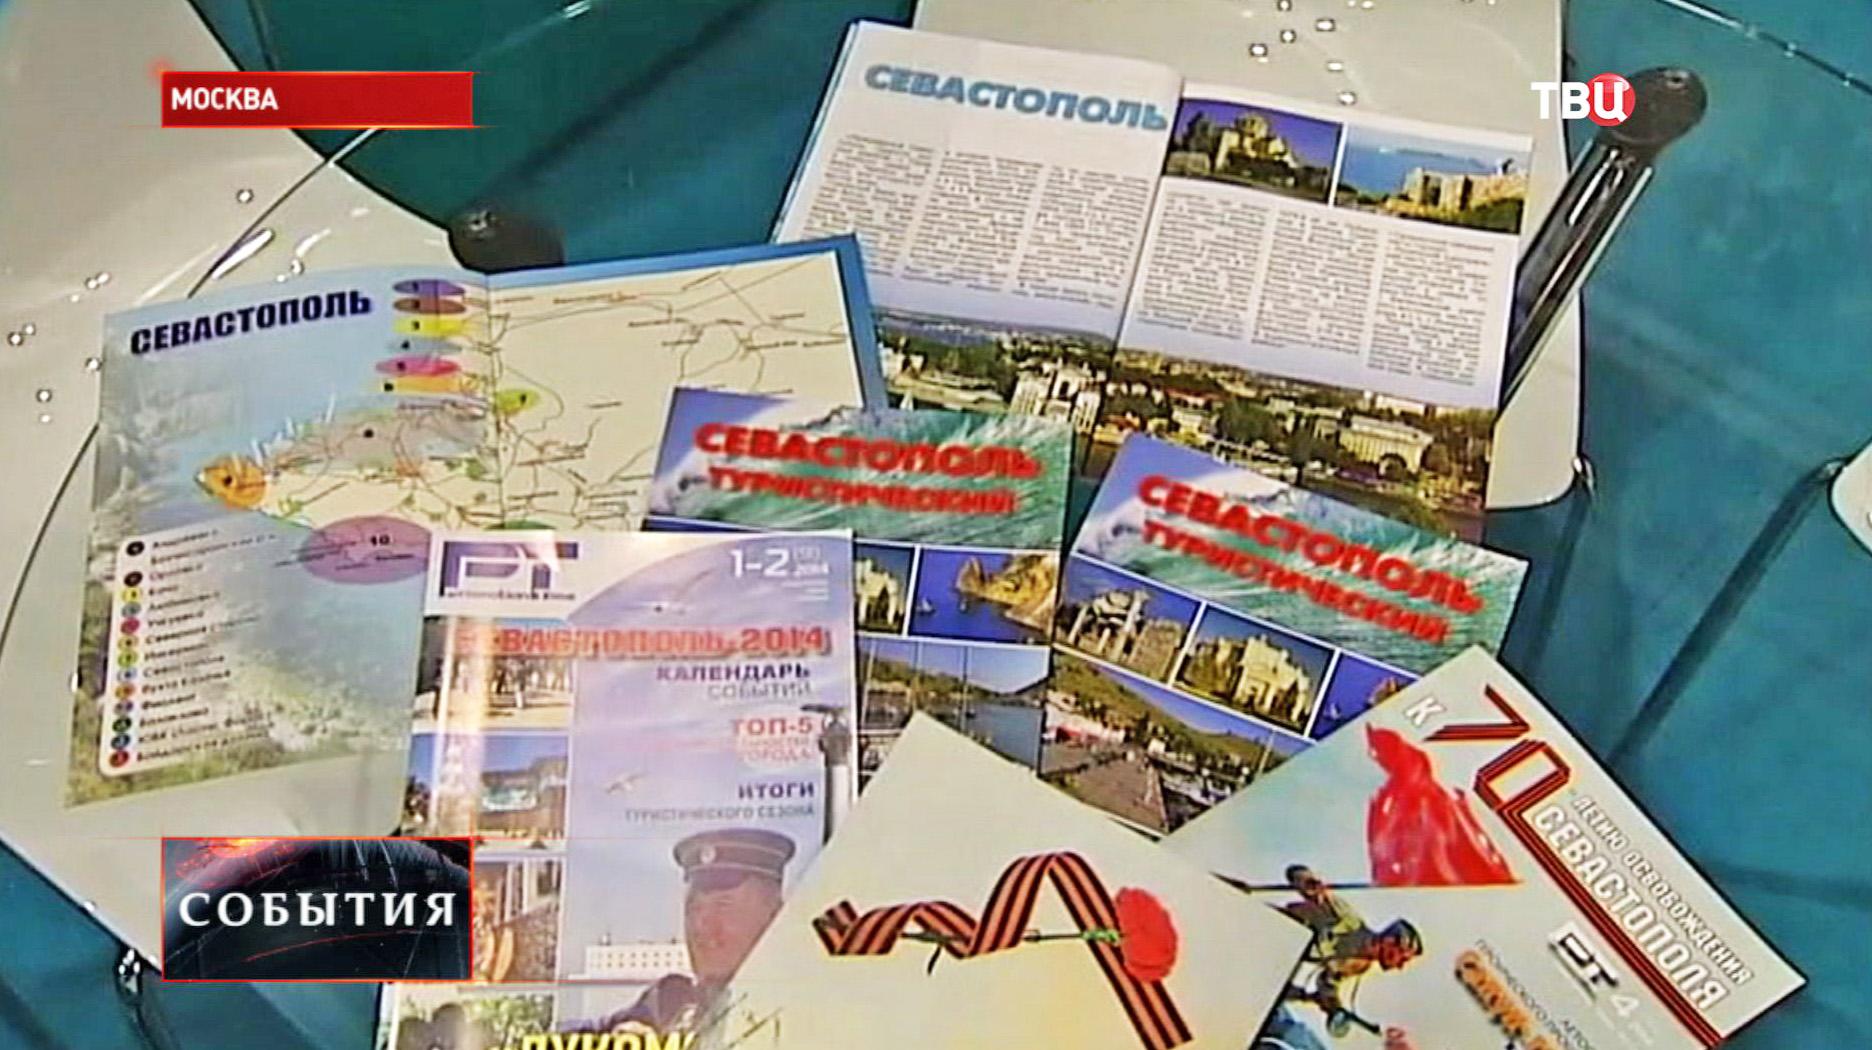 Выставка-продажа туруслуг Крыма в Москве